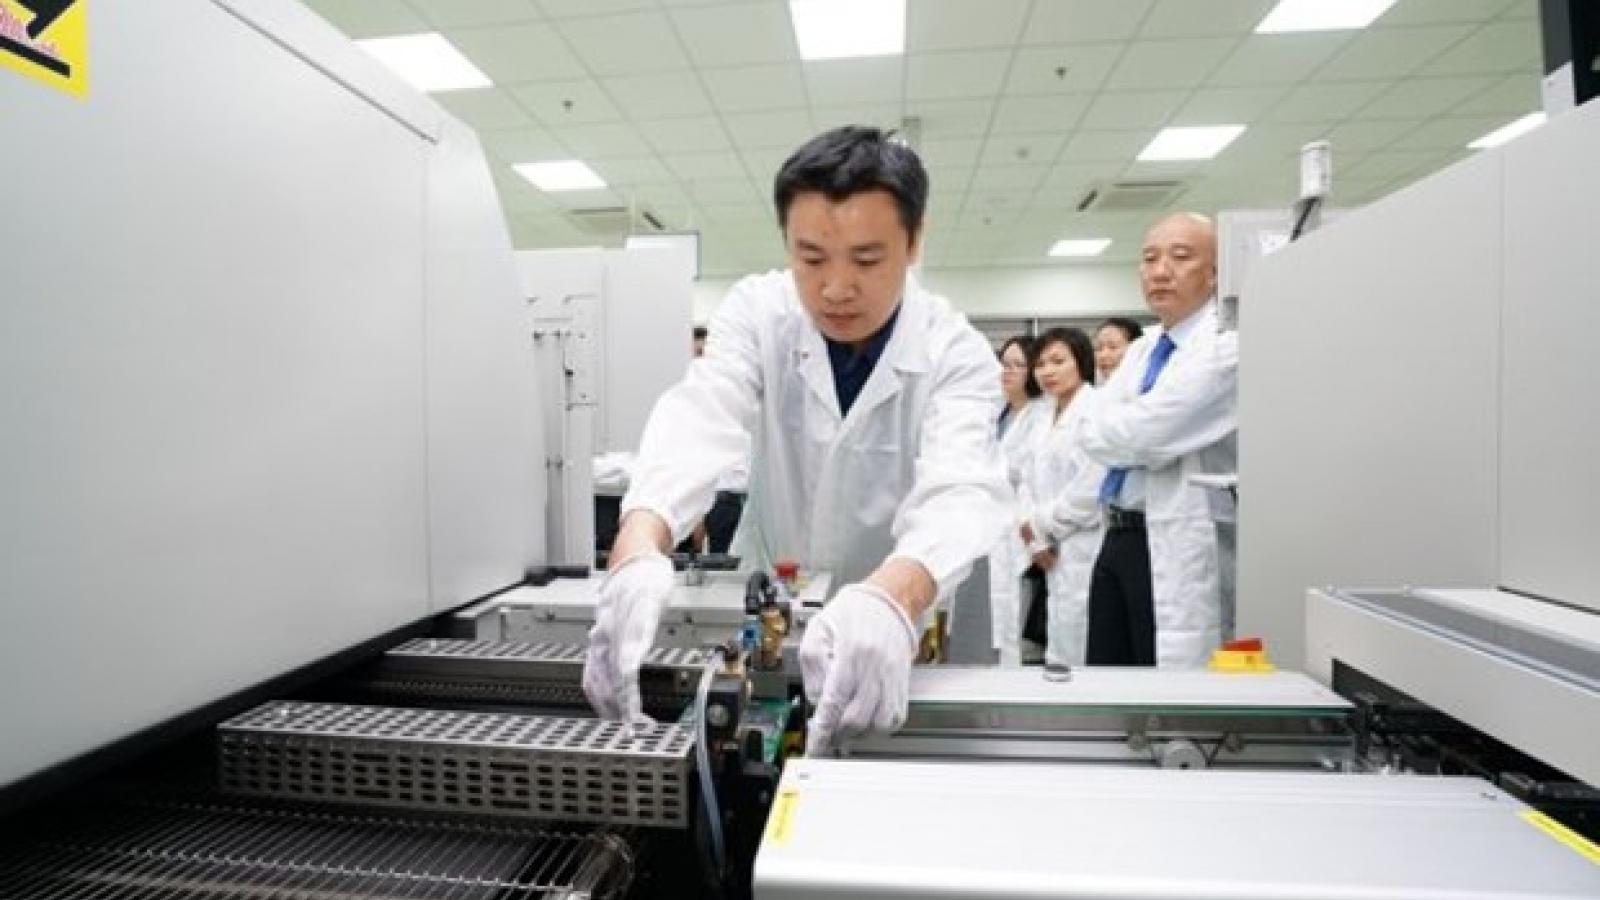 Da Nang lures investment despite COVID-19